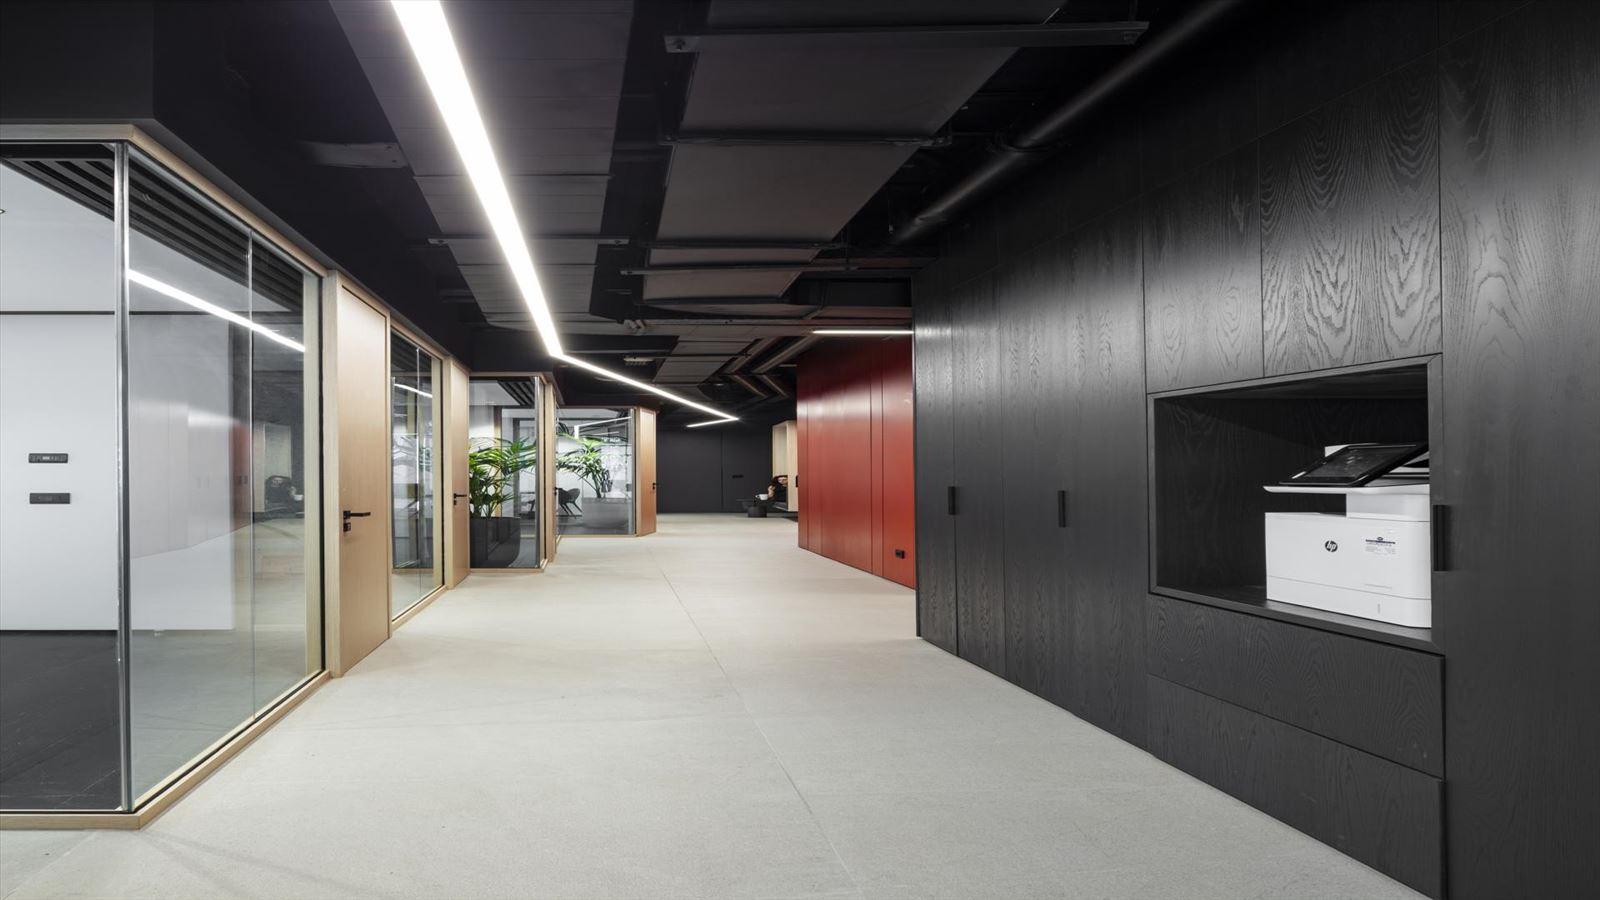 Fortissimo Offices – Tel Aviv גוף תאורה מיוחד לאורך מסדרון המשרד בתכנון דורי קמחי